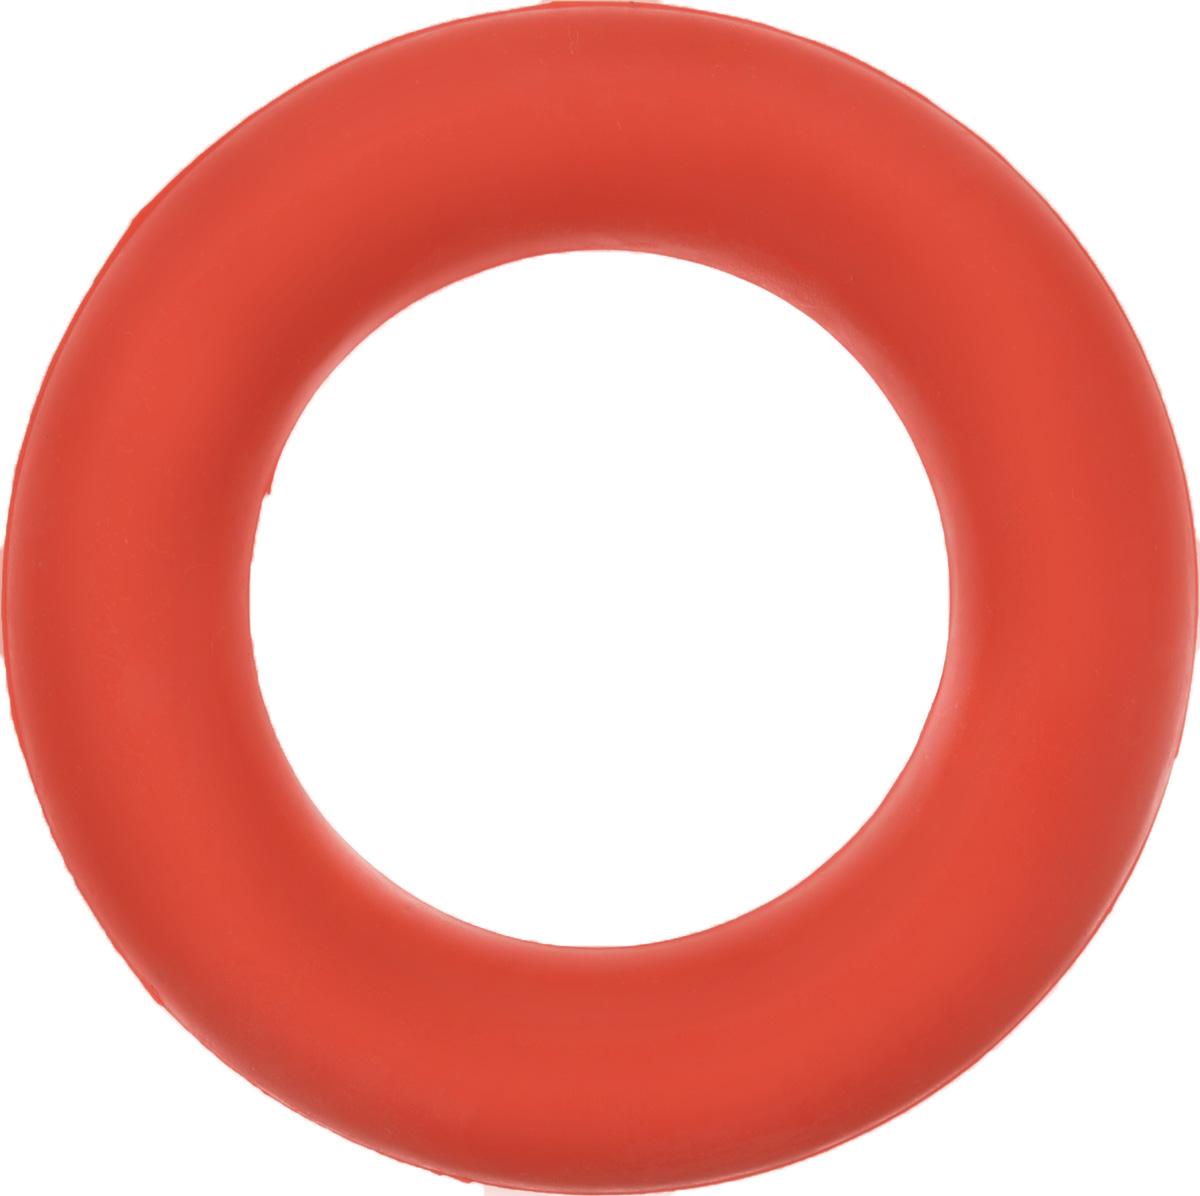 Игрушка для собак Каскад Кольцо, диаметр 9 см27799334Игрушка для собак Каскад Кольцо изготовлена из мягкой и прочной безопасной резины, устойчивой к разгрызанию. Изделие отличается прочностью и в то же время гибкостью и эластичностью. Такая игрушка прекрасно подойдет для игр вашей собаки.